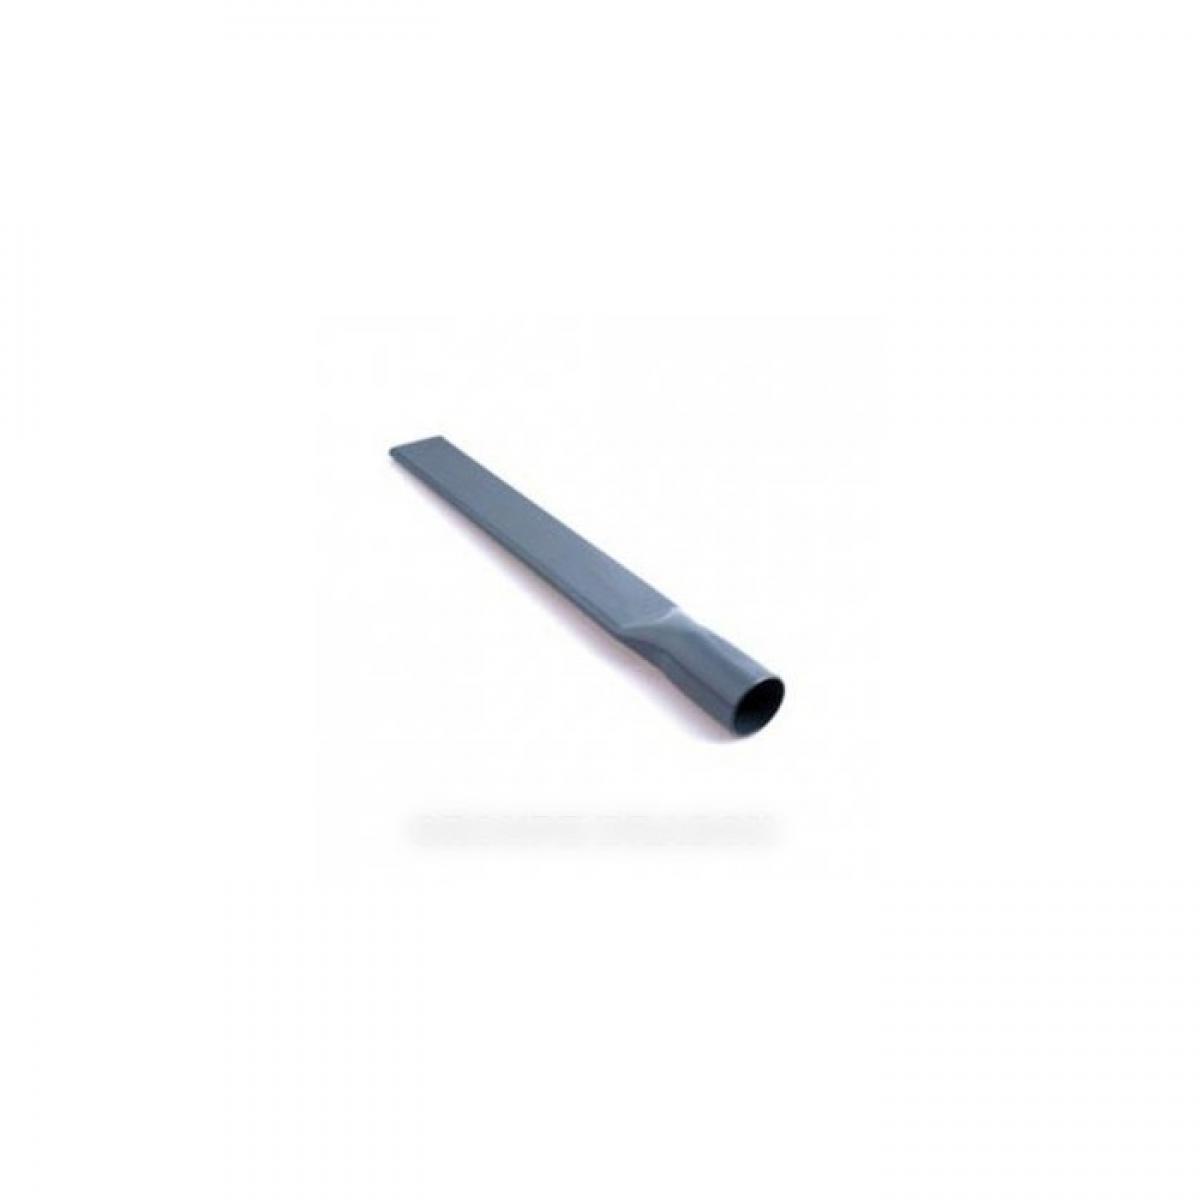 Nilfisk Suceur long pour aspirateur nilfisk